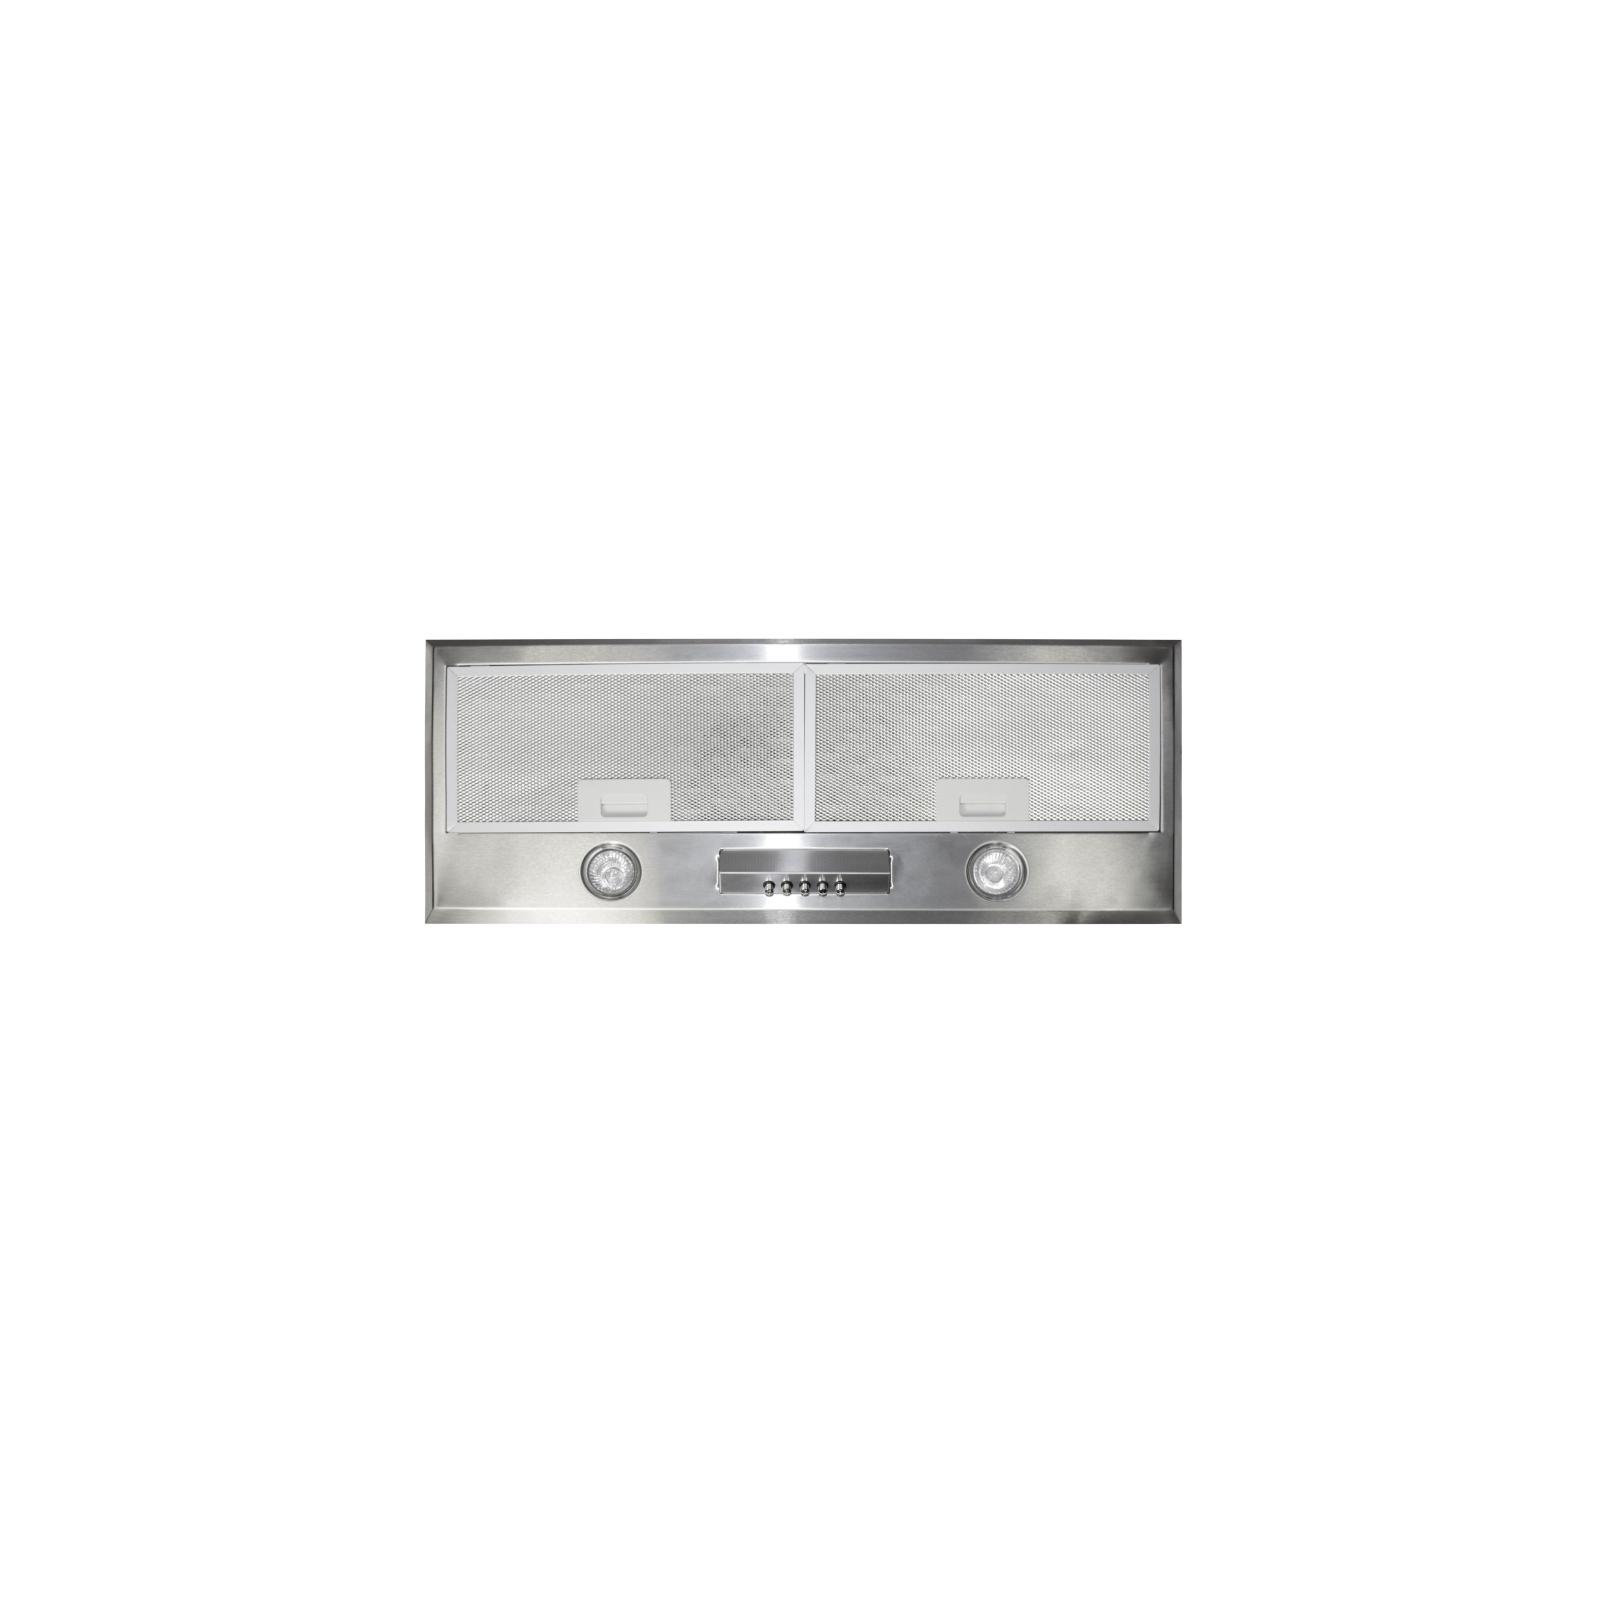 Вытяжка кухонная ELEYUS Modul 960 70 IS изображение 4